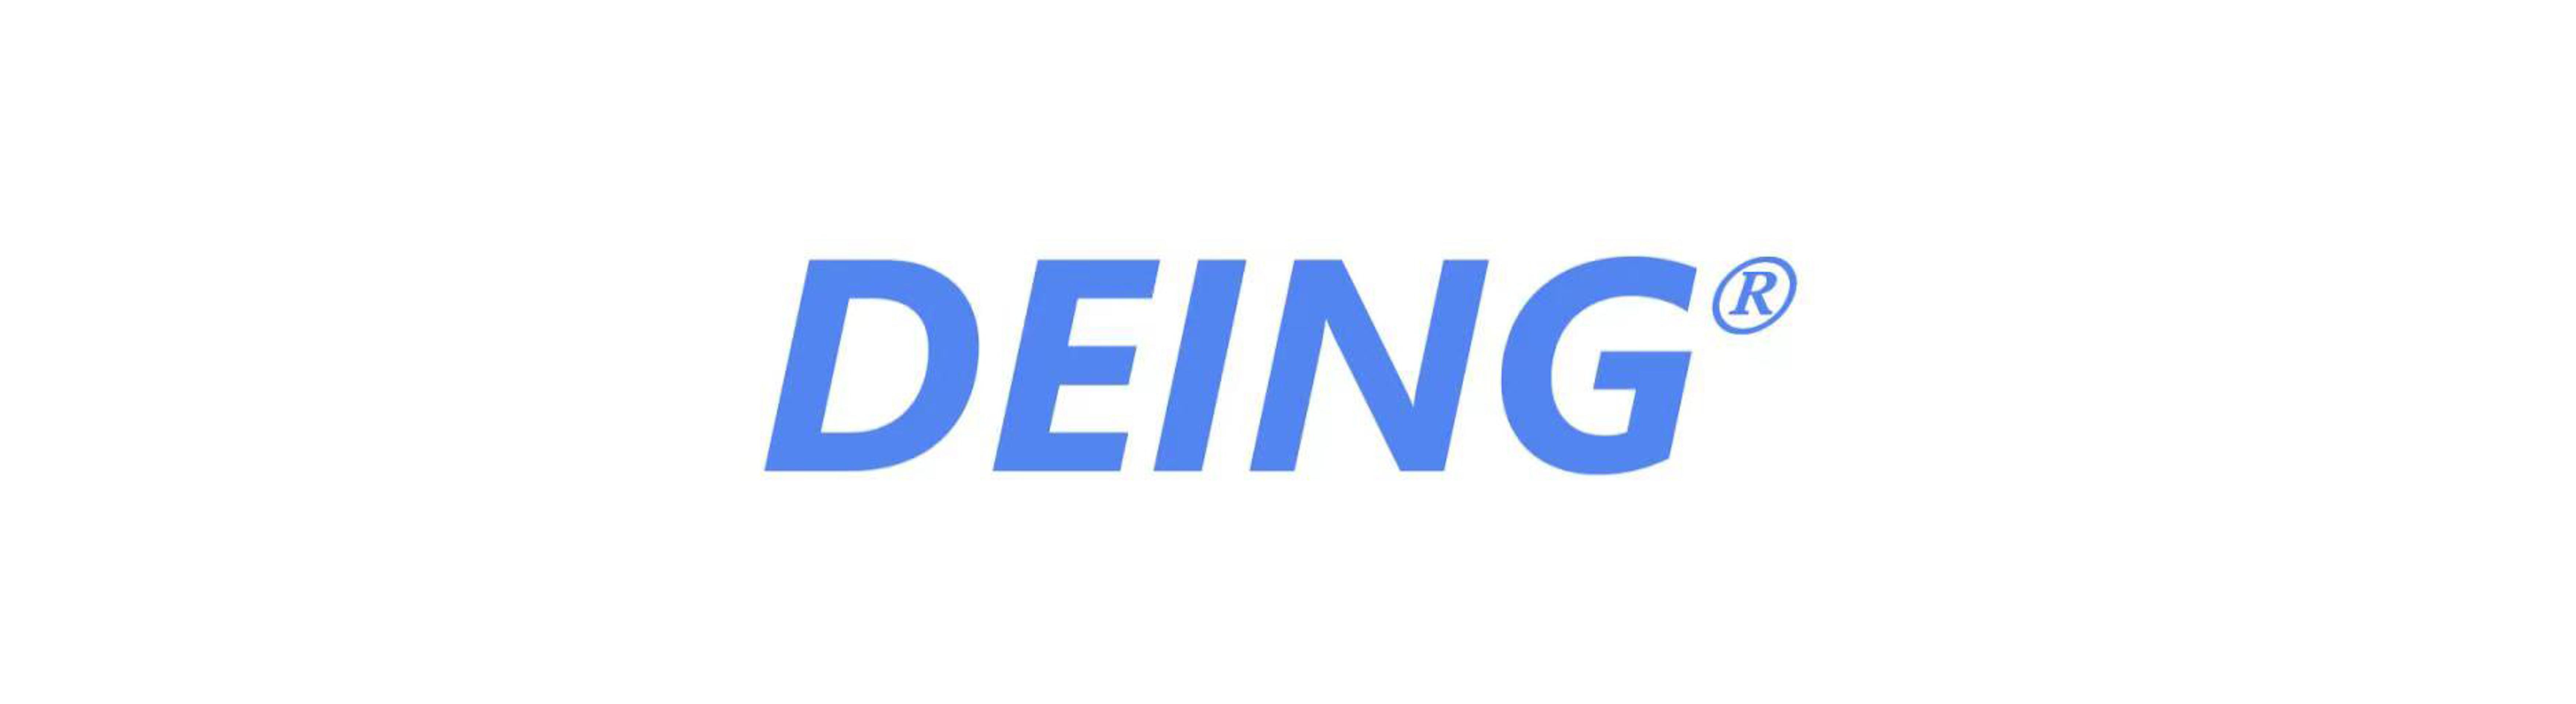 DEING